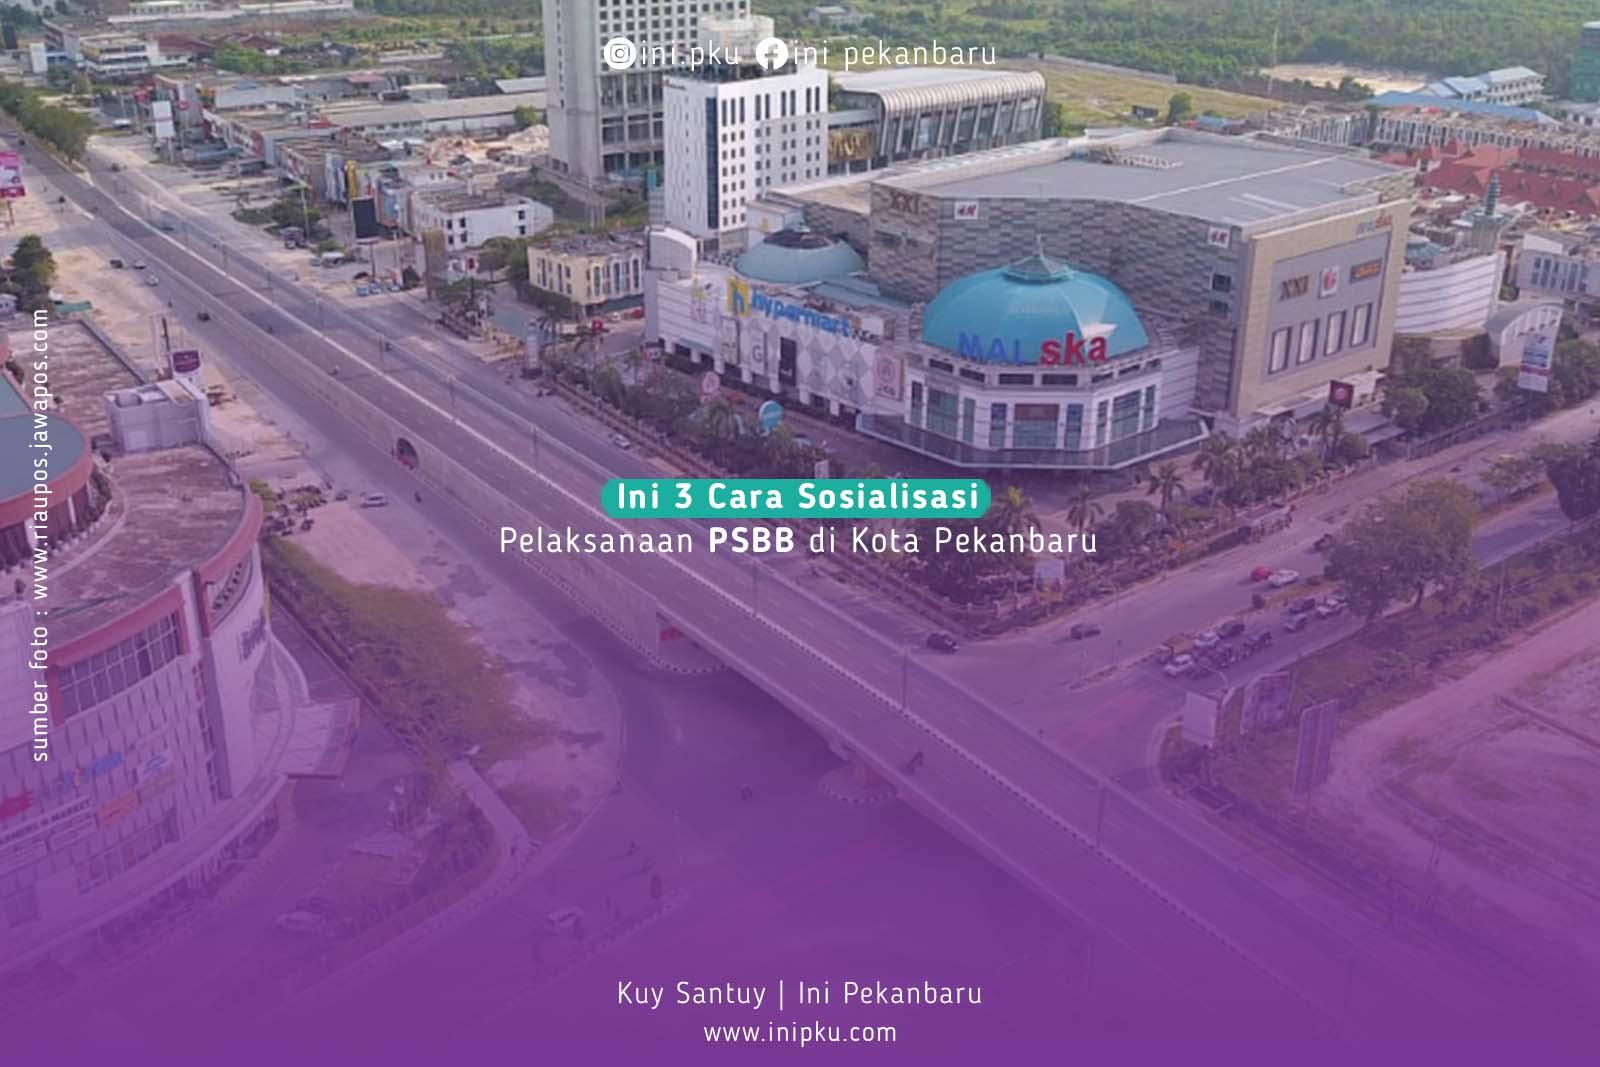 Ini 3 Cara Sosialisasi Pelaksanaan PSBB di Kota Pekanbaru